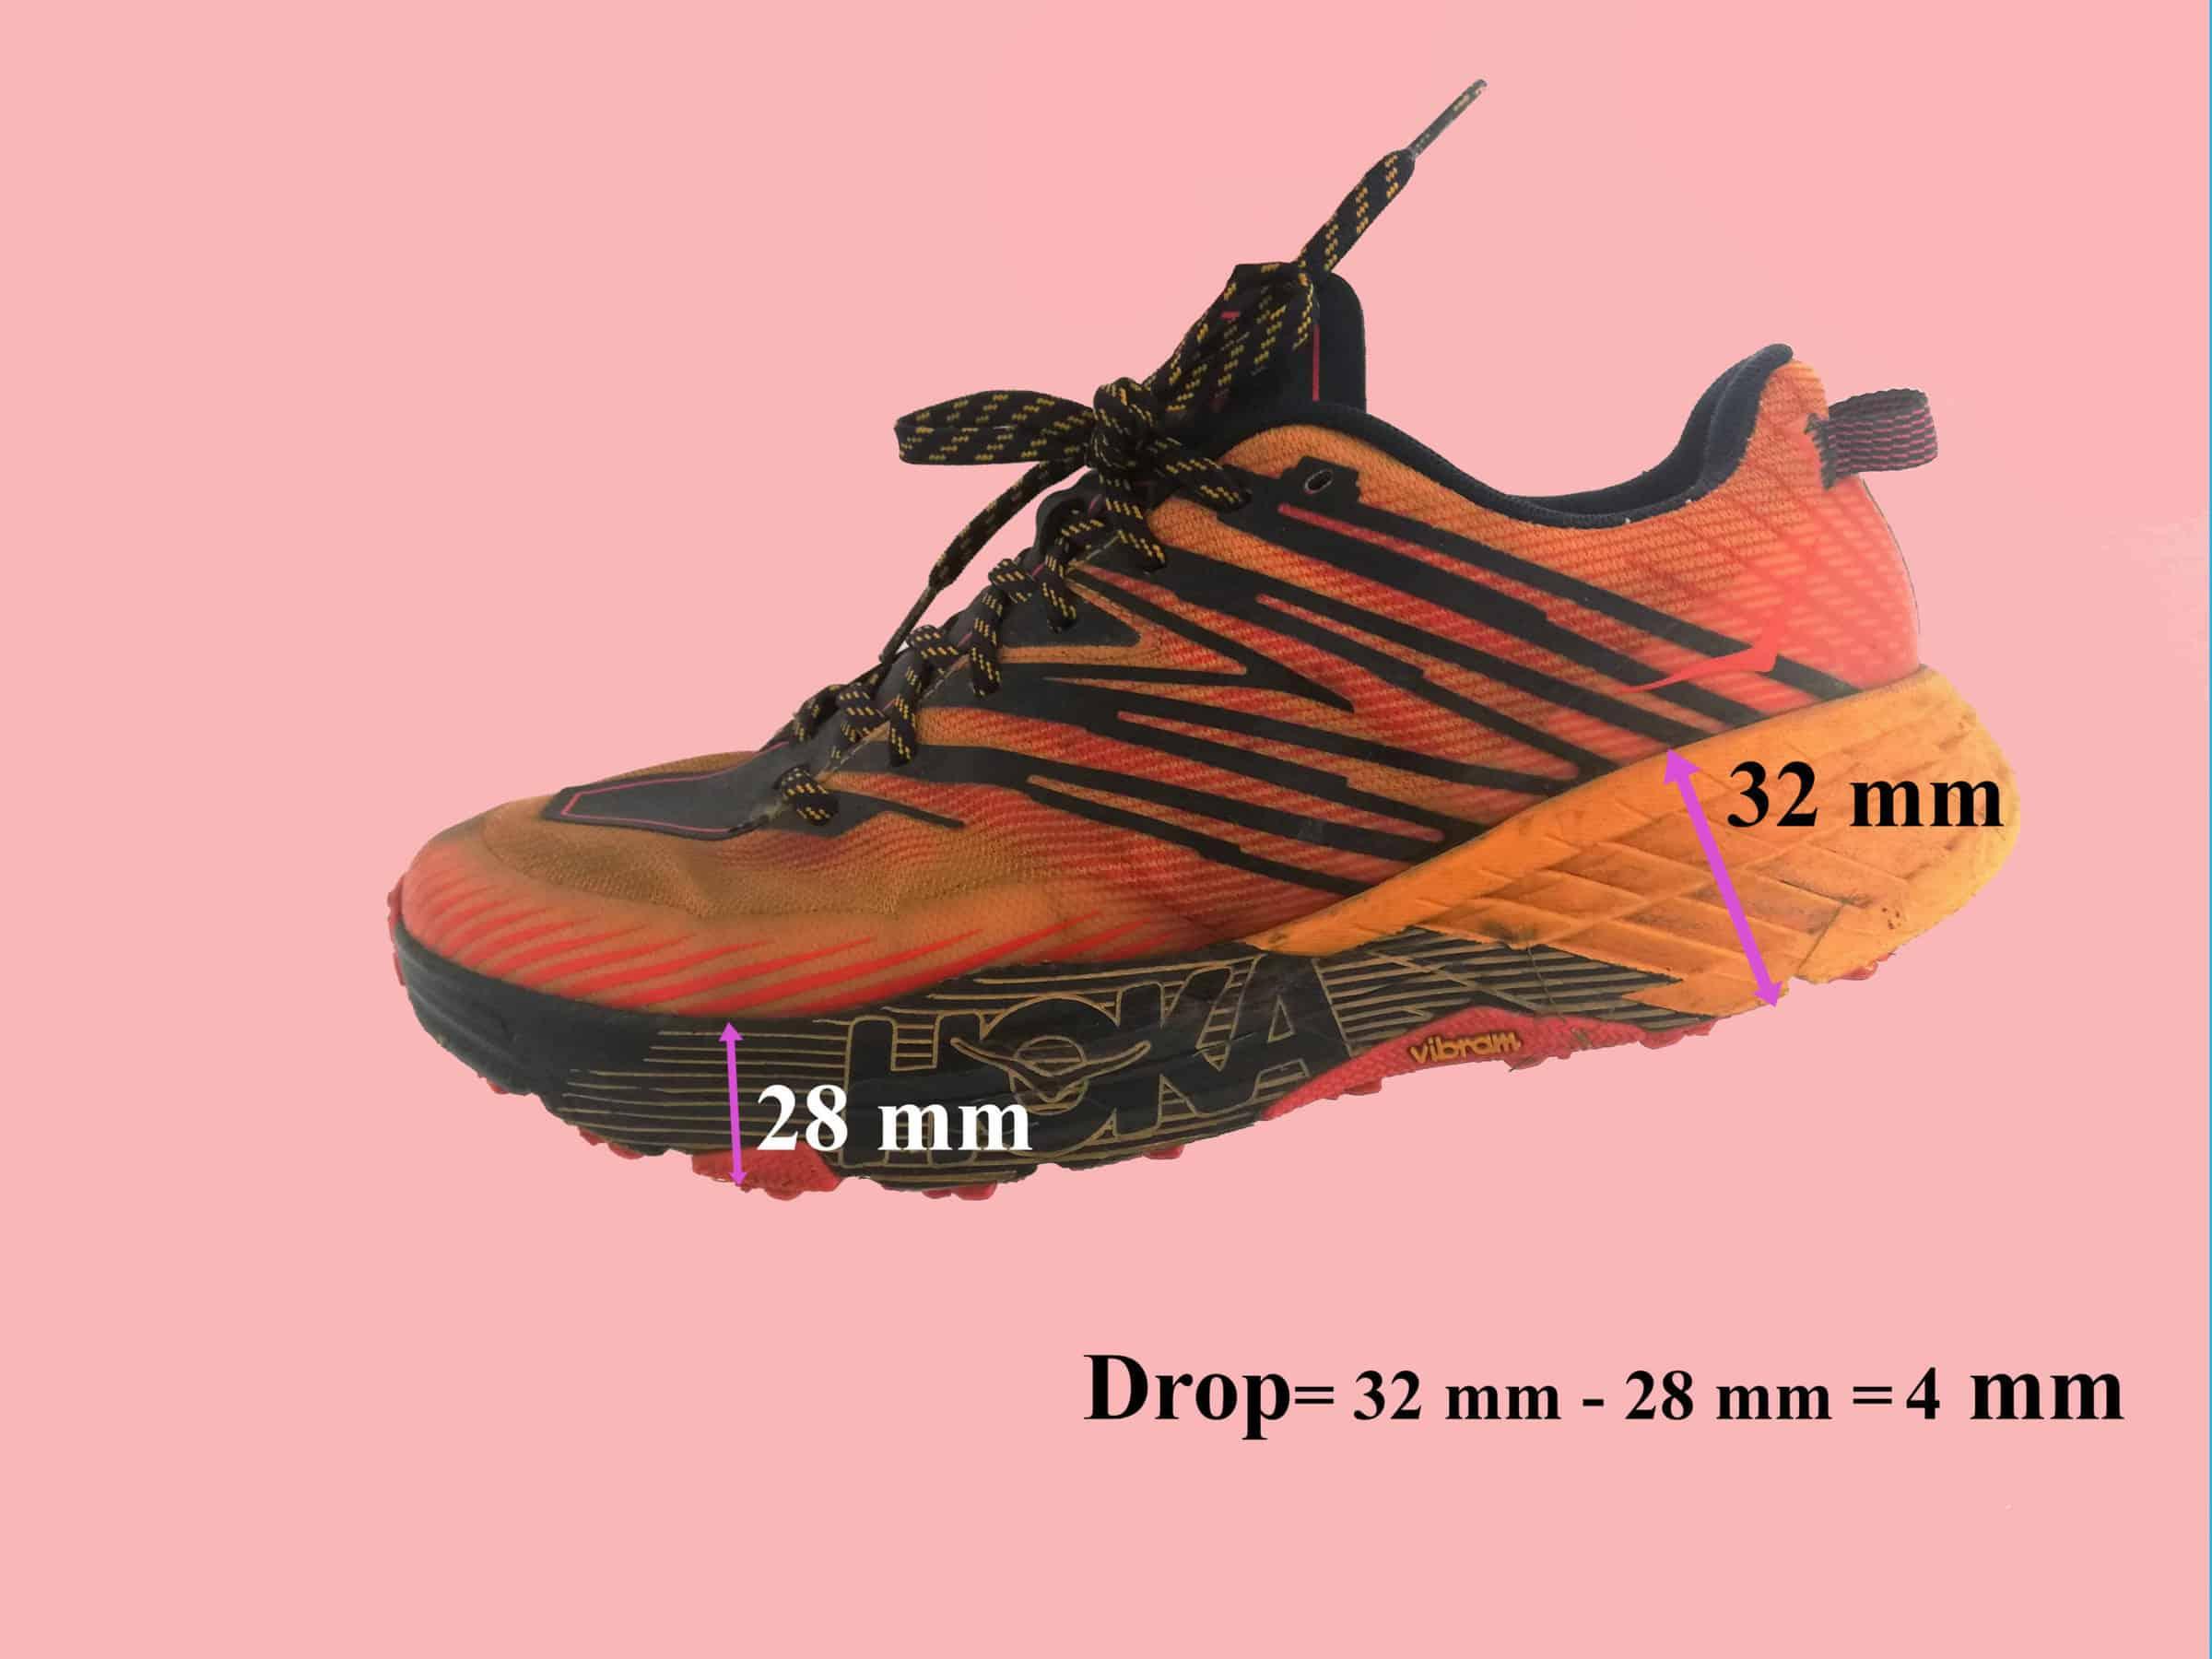 Come scegliere la scarpe da corsa - Drop